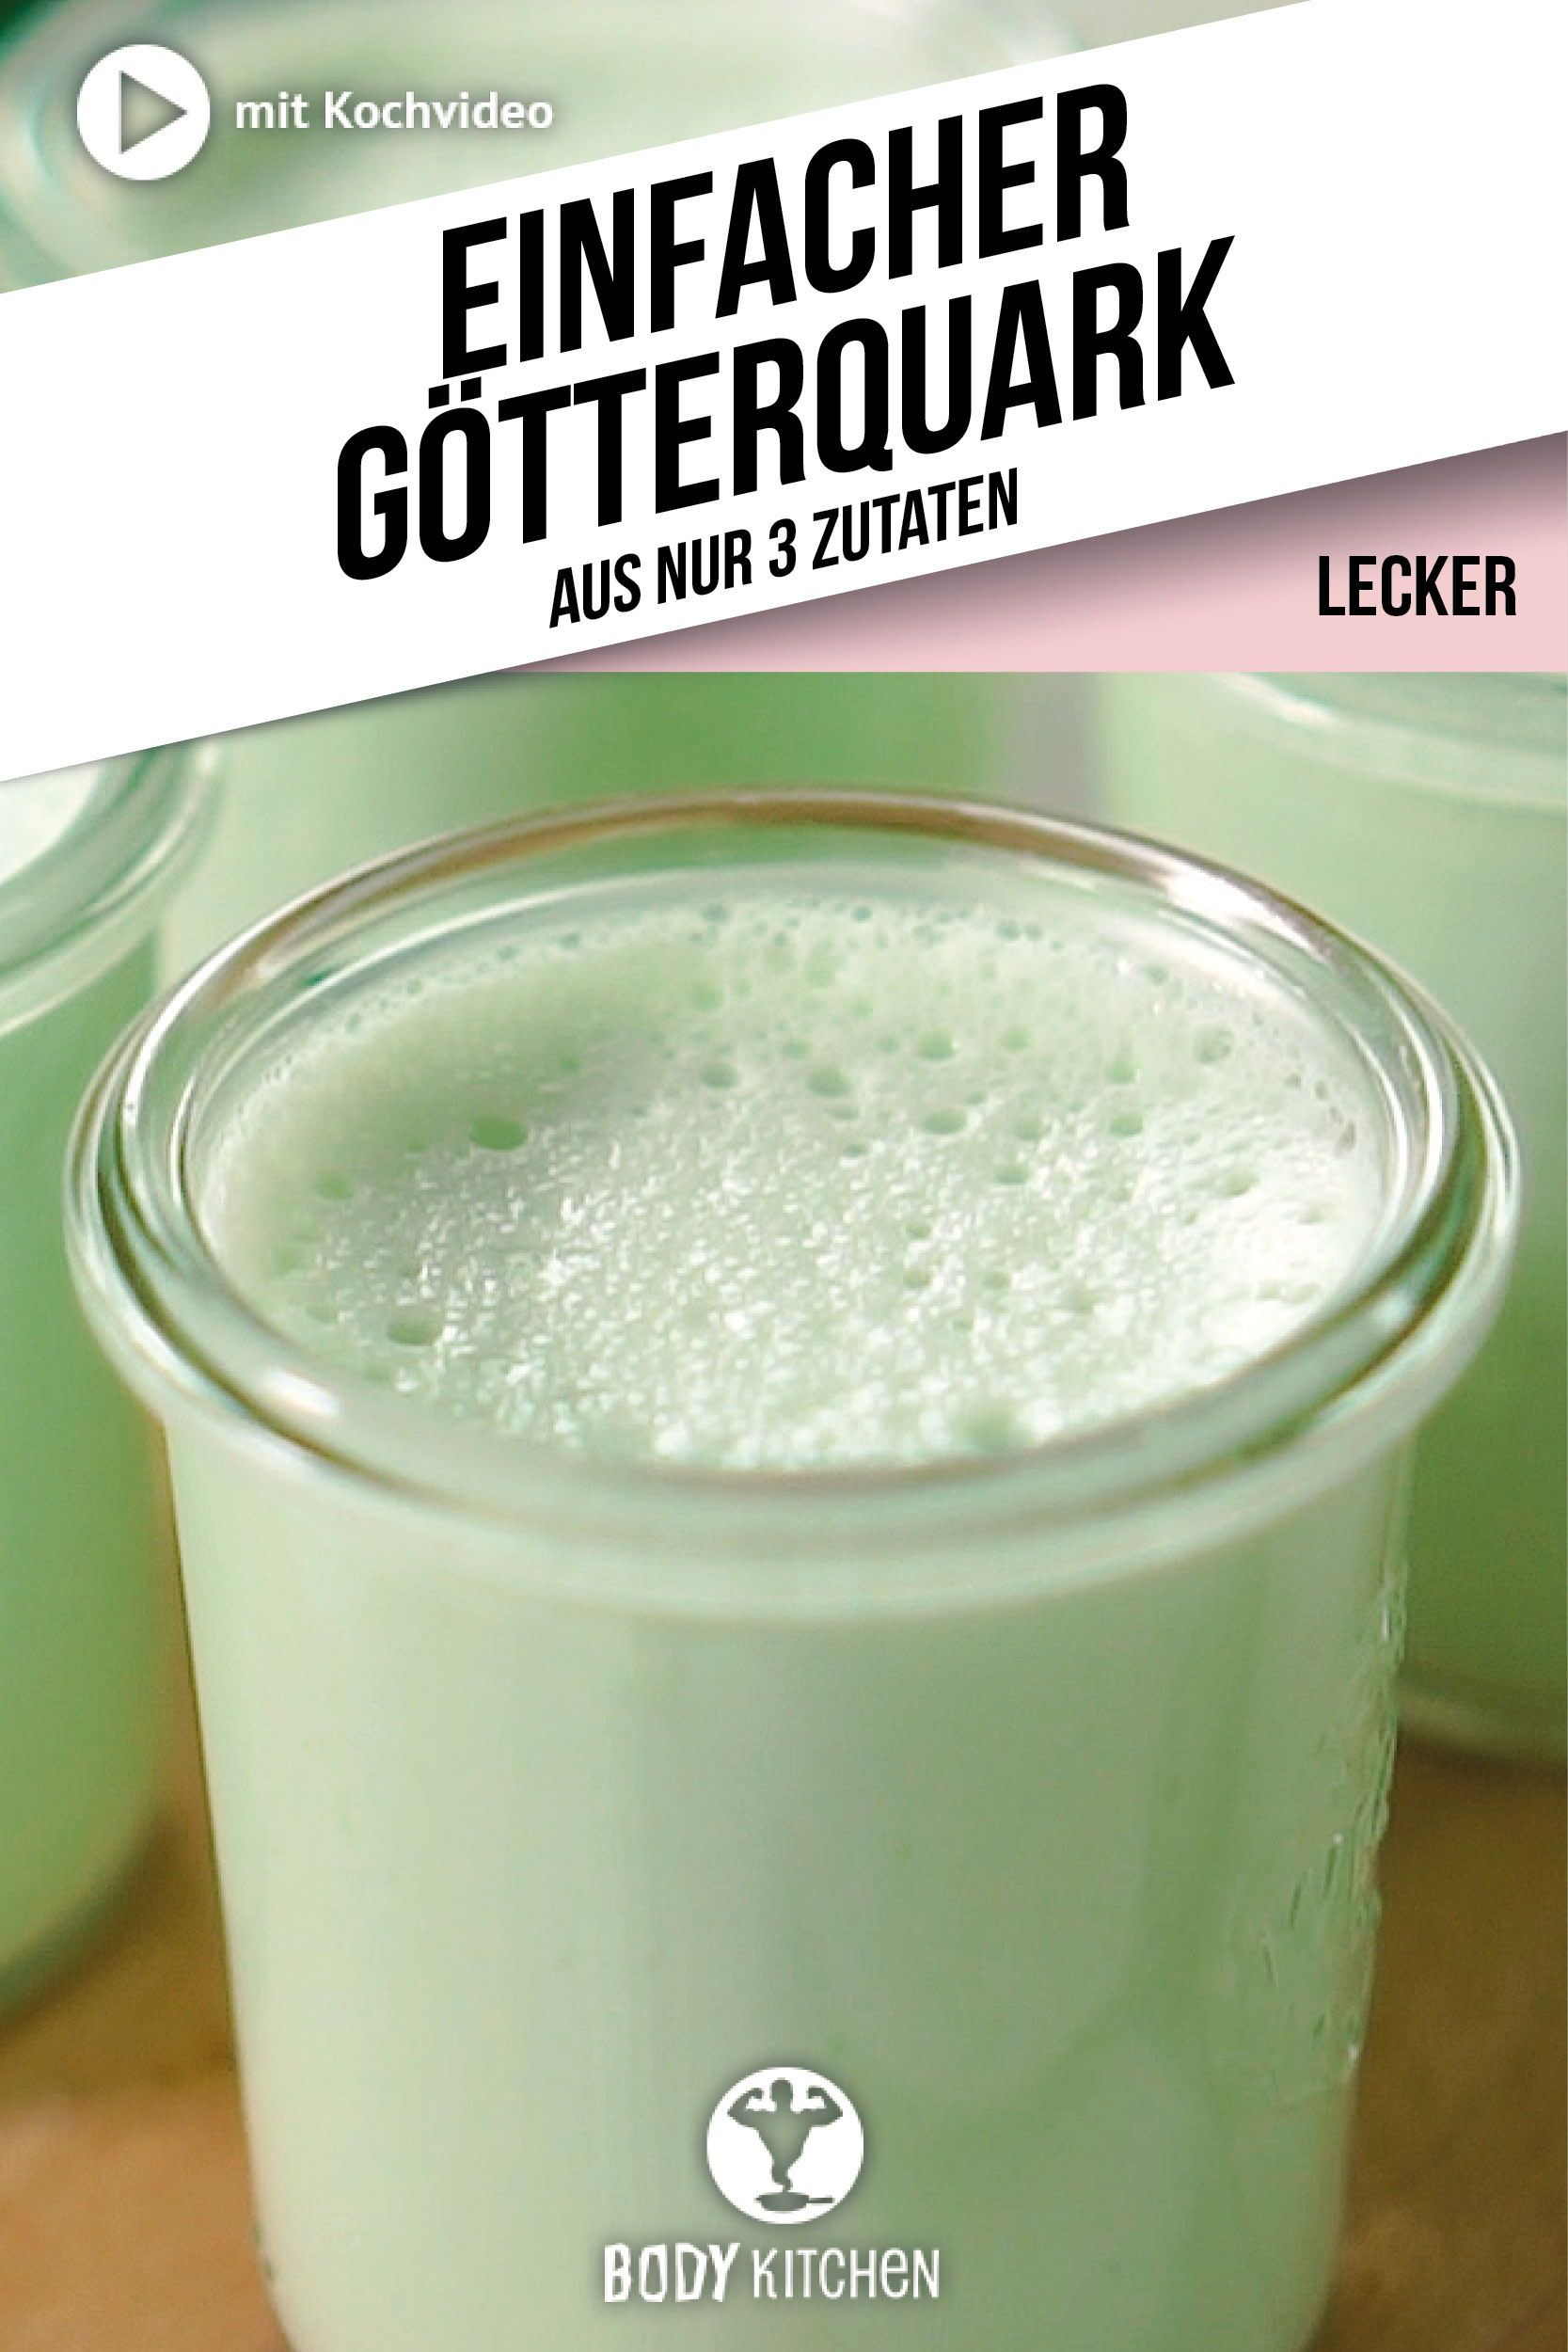 Götterquark - Fitness-Rezept von BODY KITCHEN